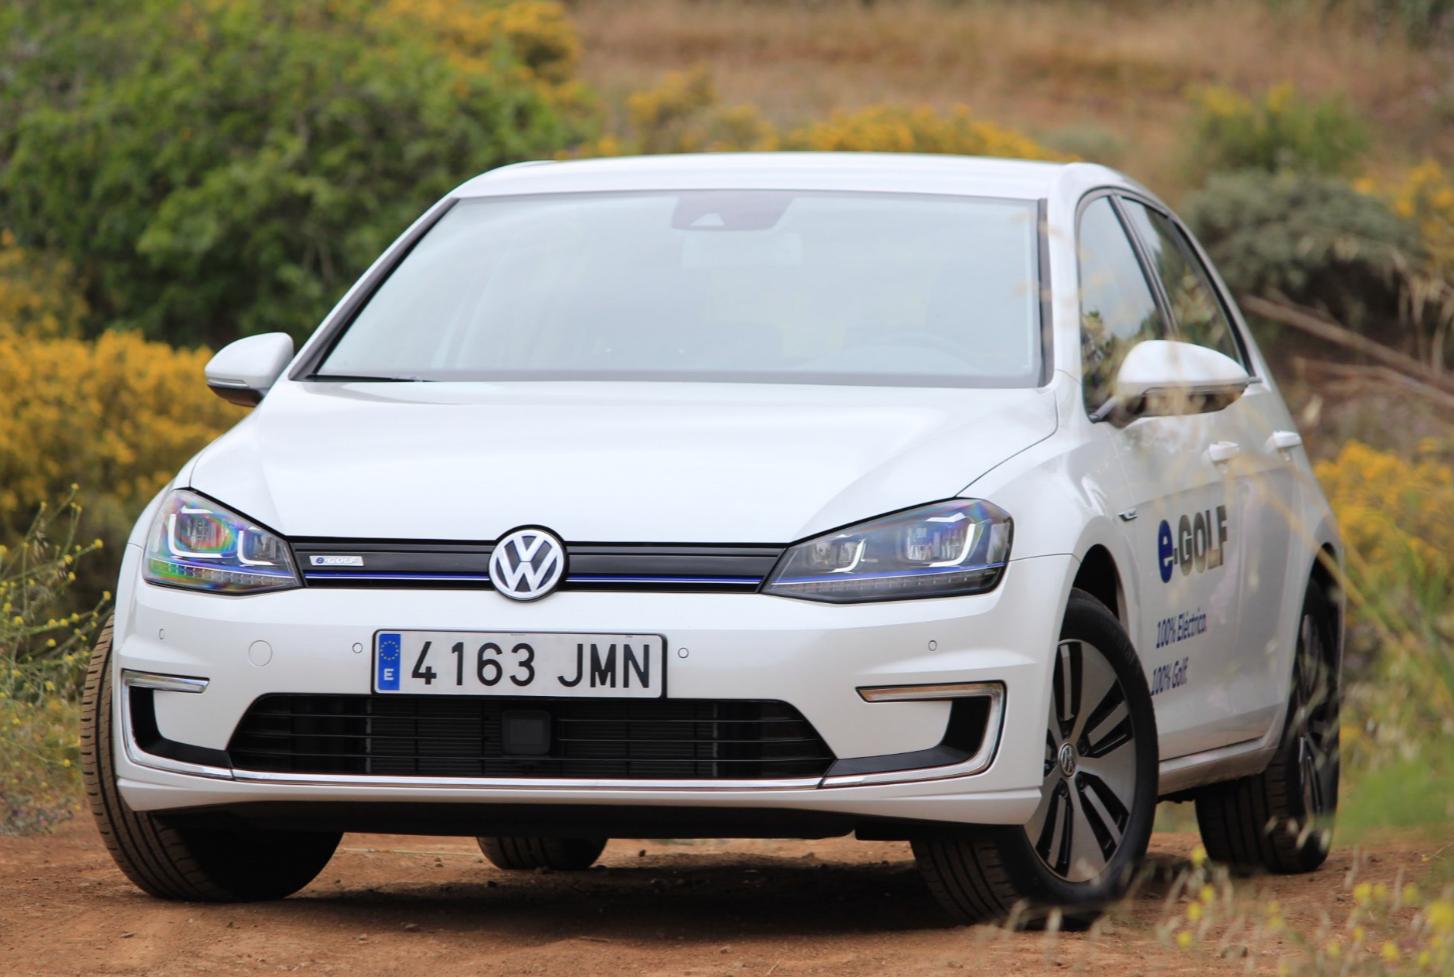 Vista general del VW e-Golf | Foto: Arlangton